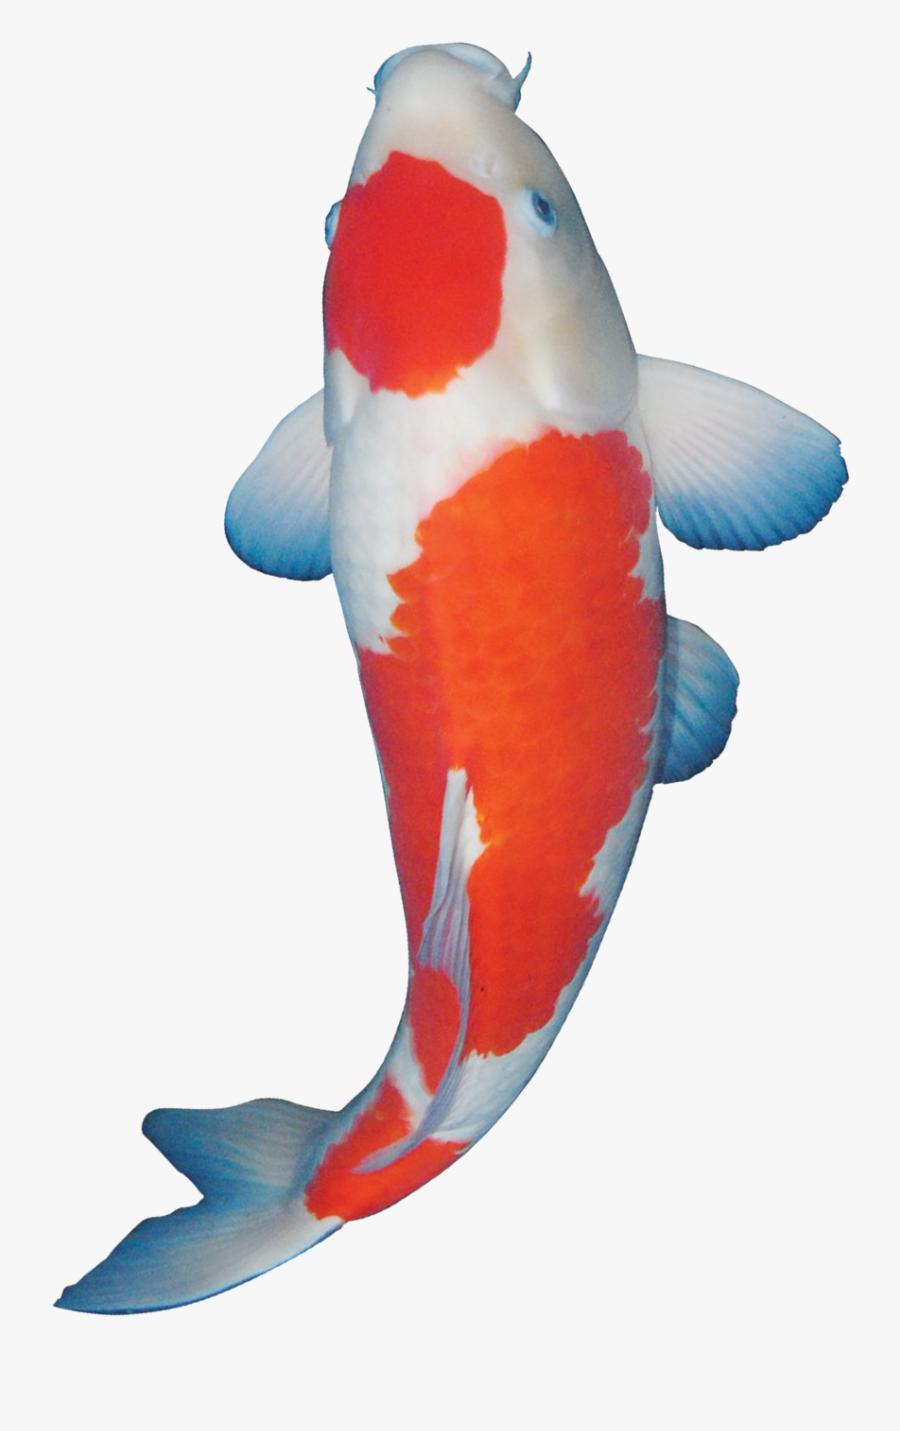 Ikan Koi Kartun Mina Gambar